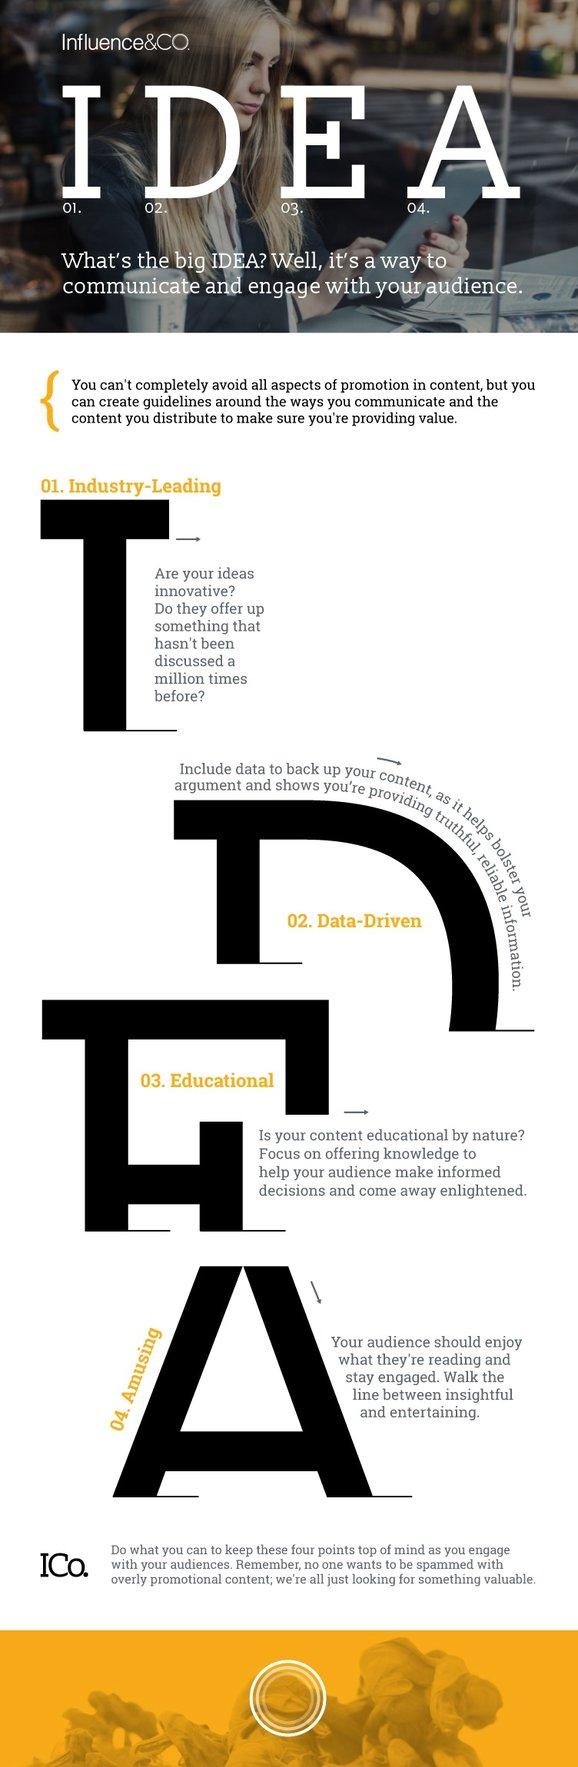 IDEA-Infographic-FINAL.jpg